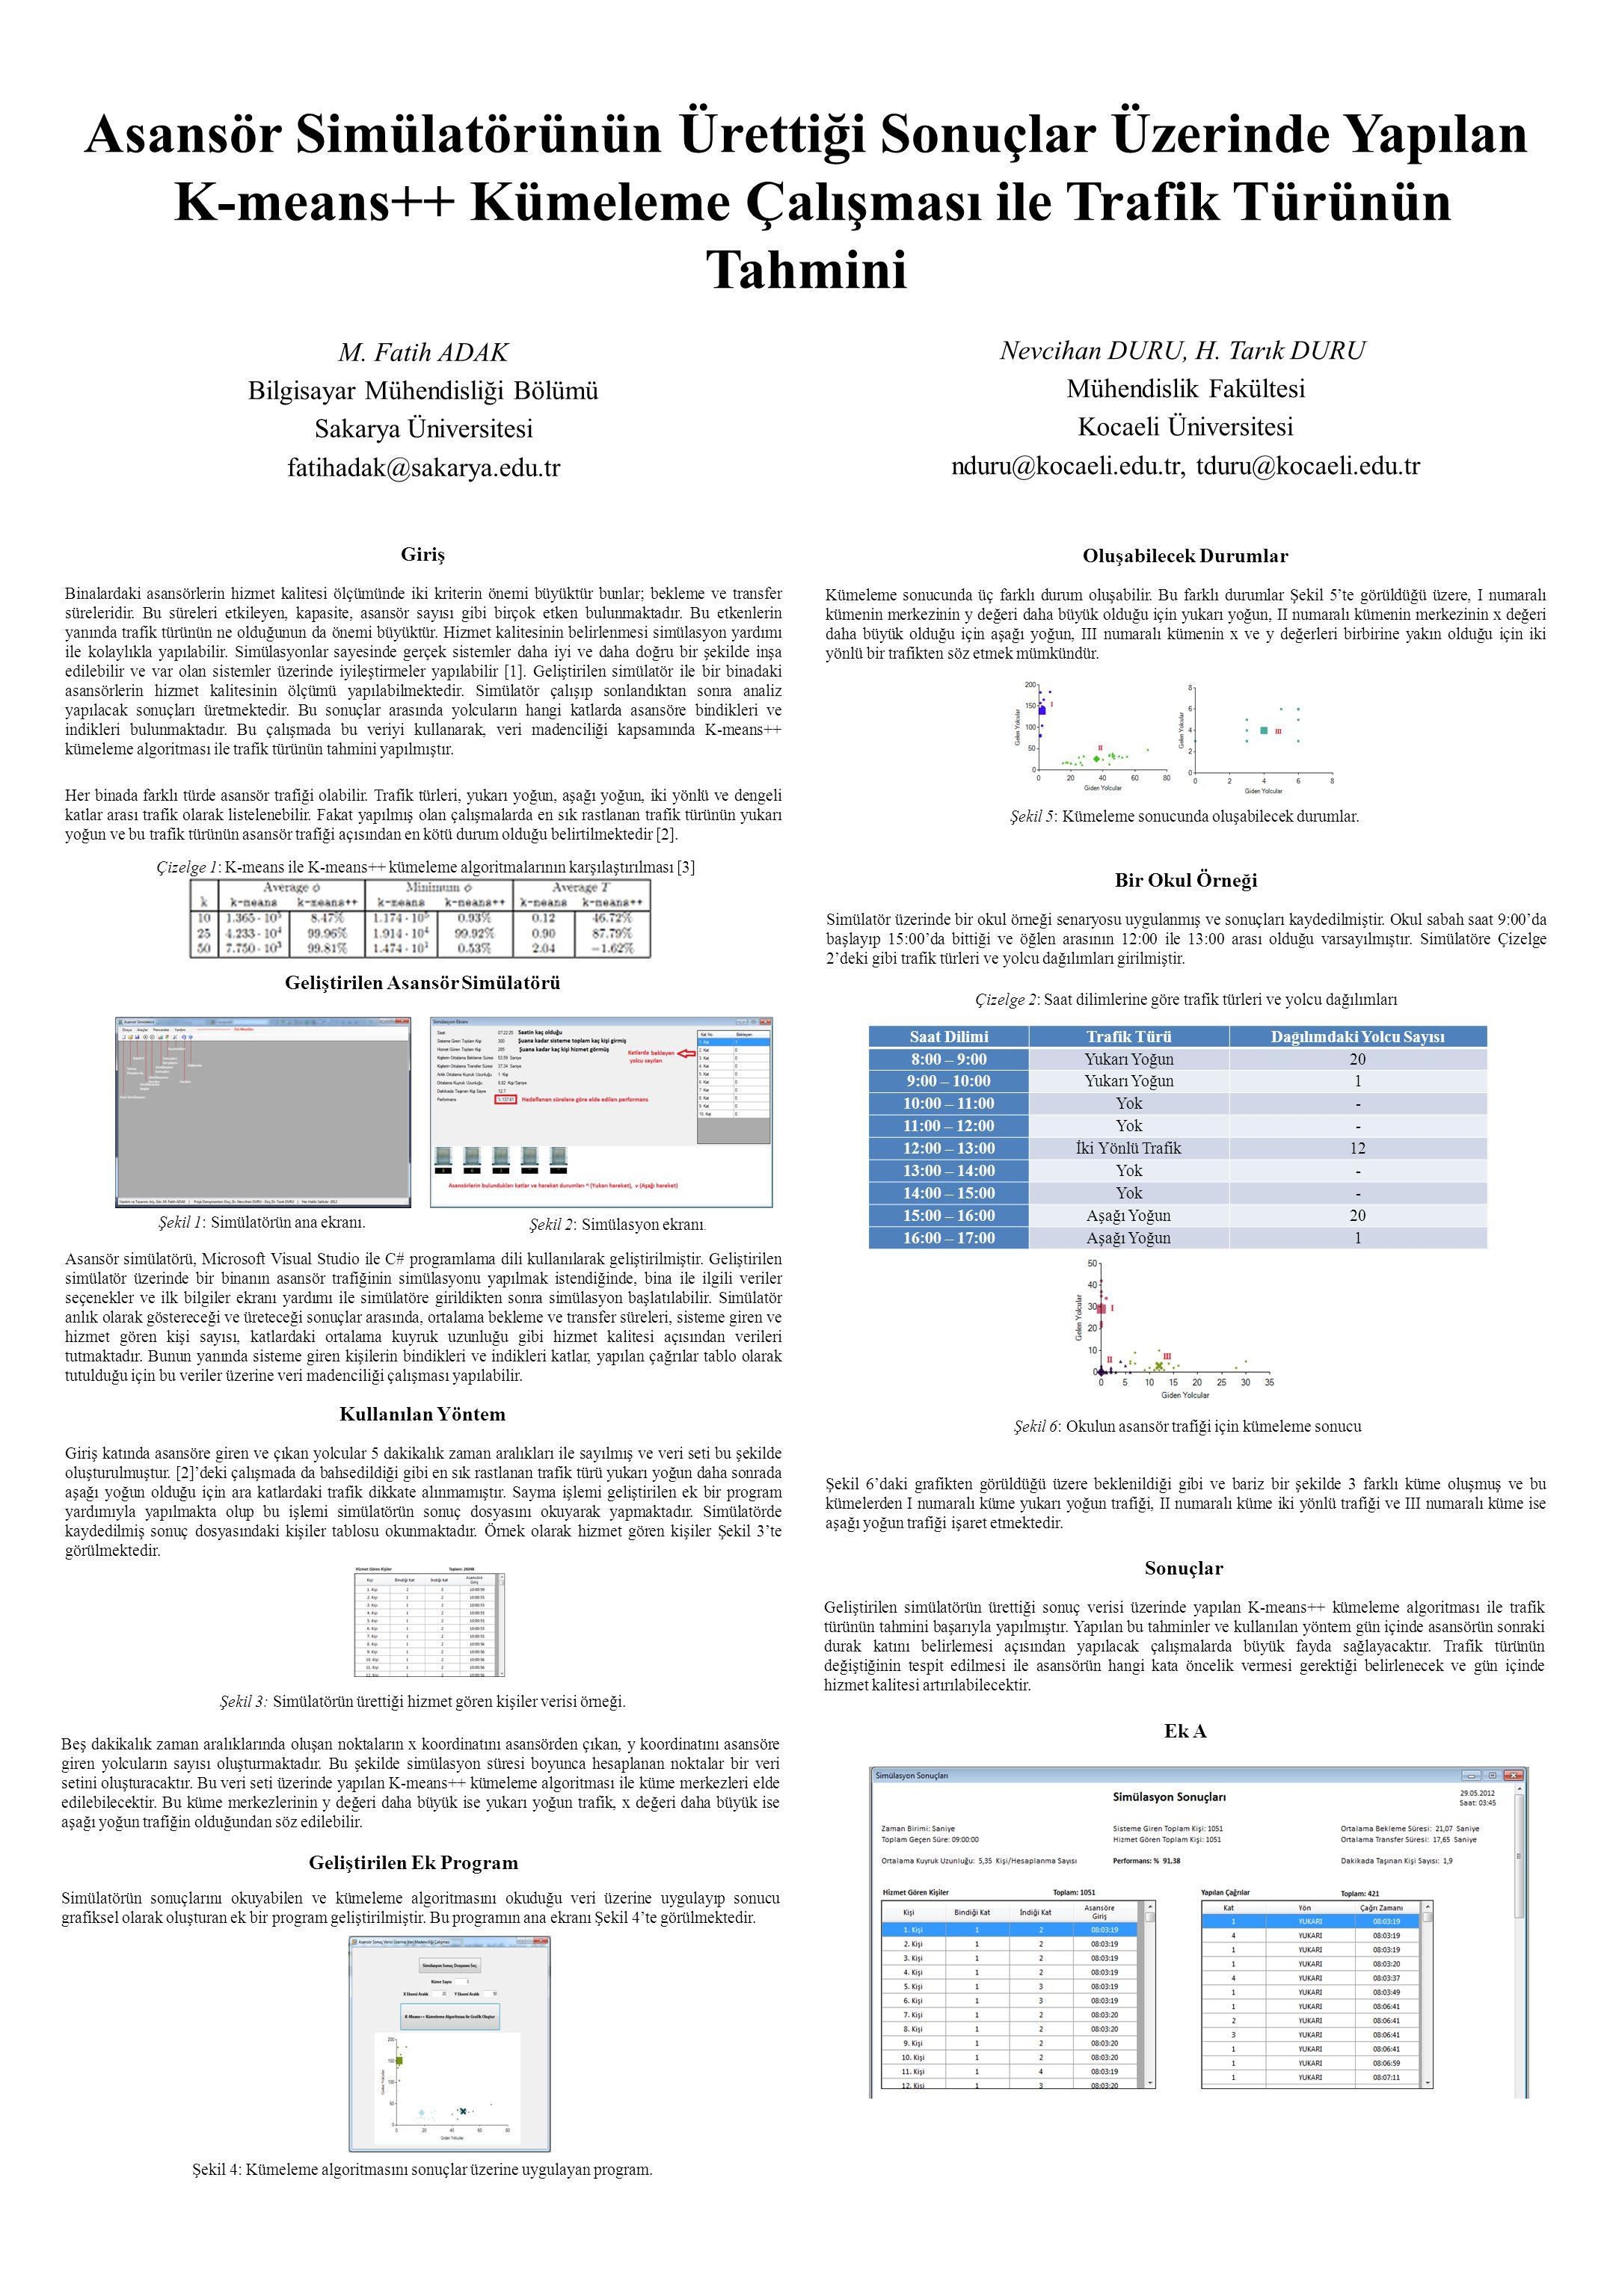 Asansör Simülatörünün Ürettiği Sonuçlar Üzerinde Yapılan K-means++ Kümeleme Çalışması ile Trafik Türünün Tahmini M. Fatih ADAK Bilgisayar Mühendisliği